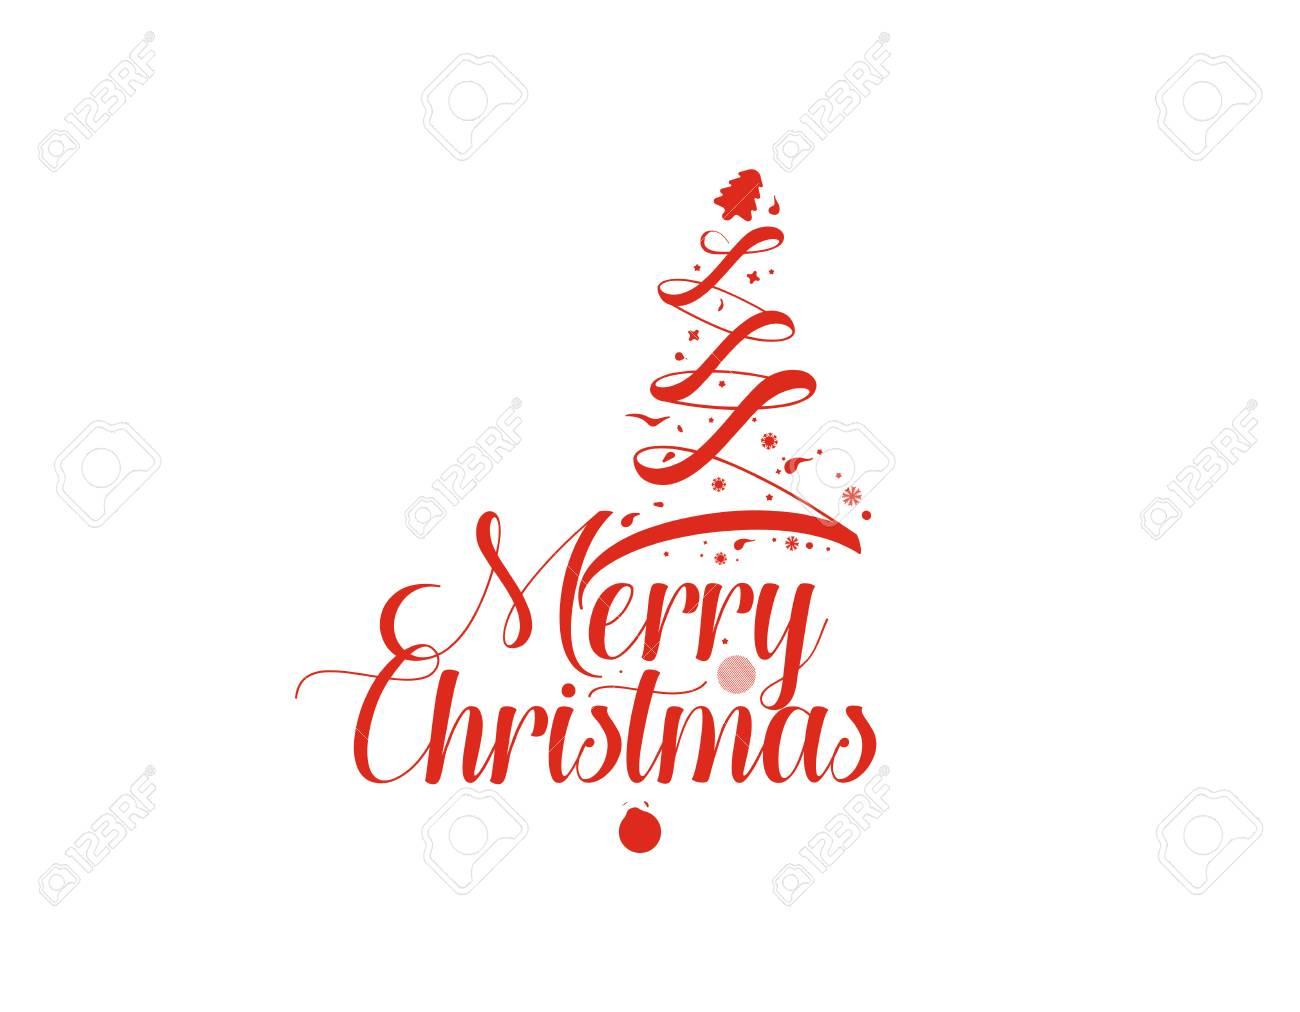 Frohe Weihnachten Text Karte.Stock Photo